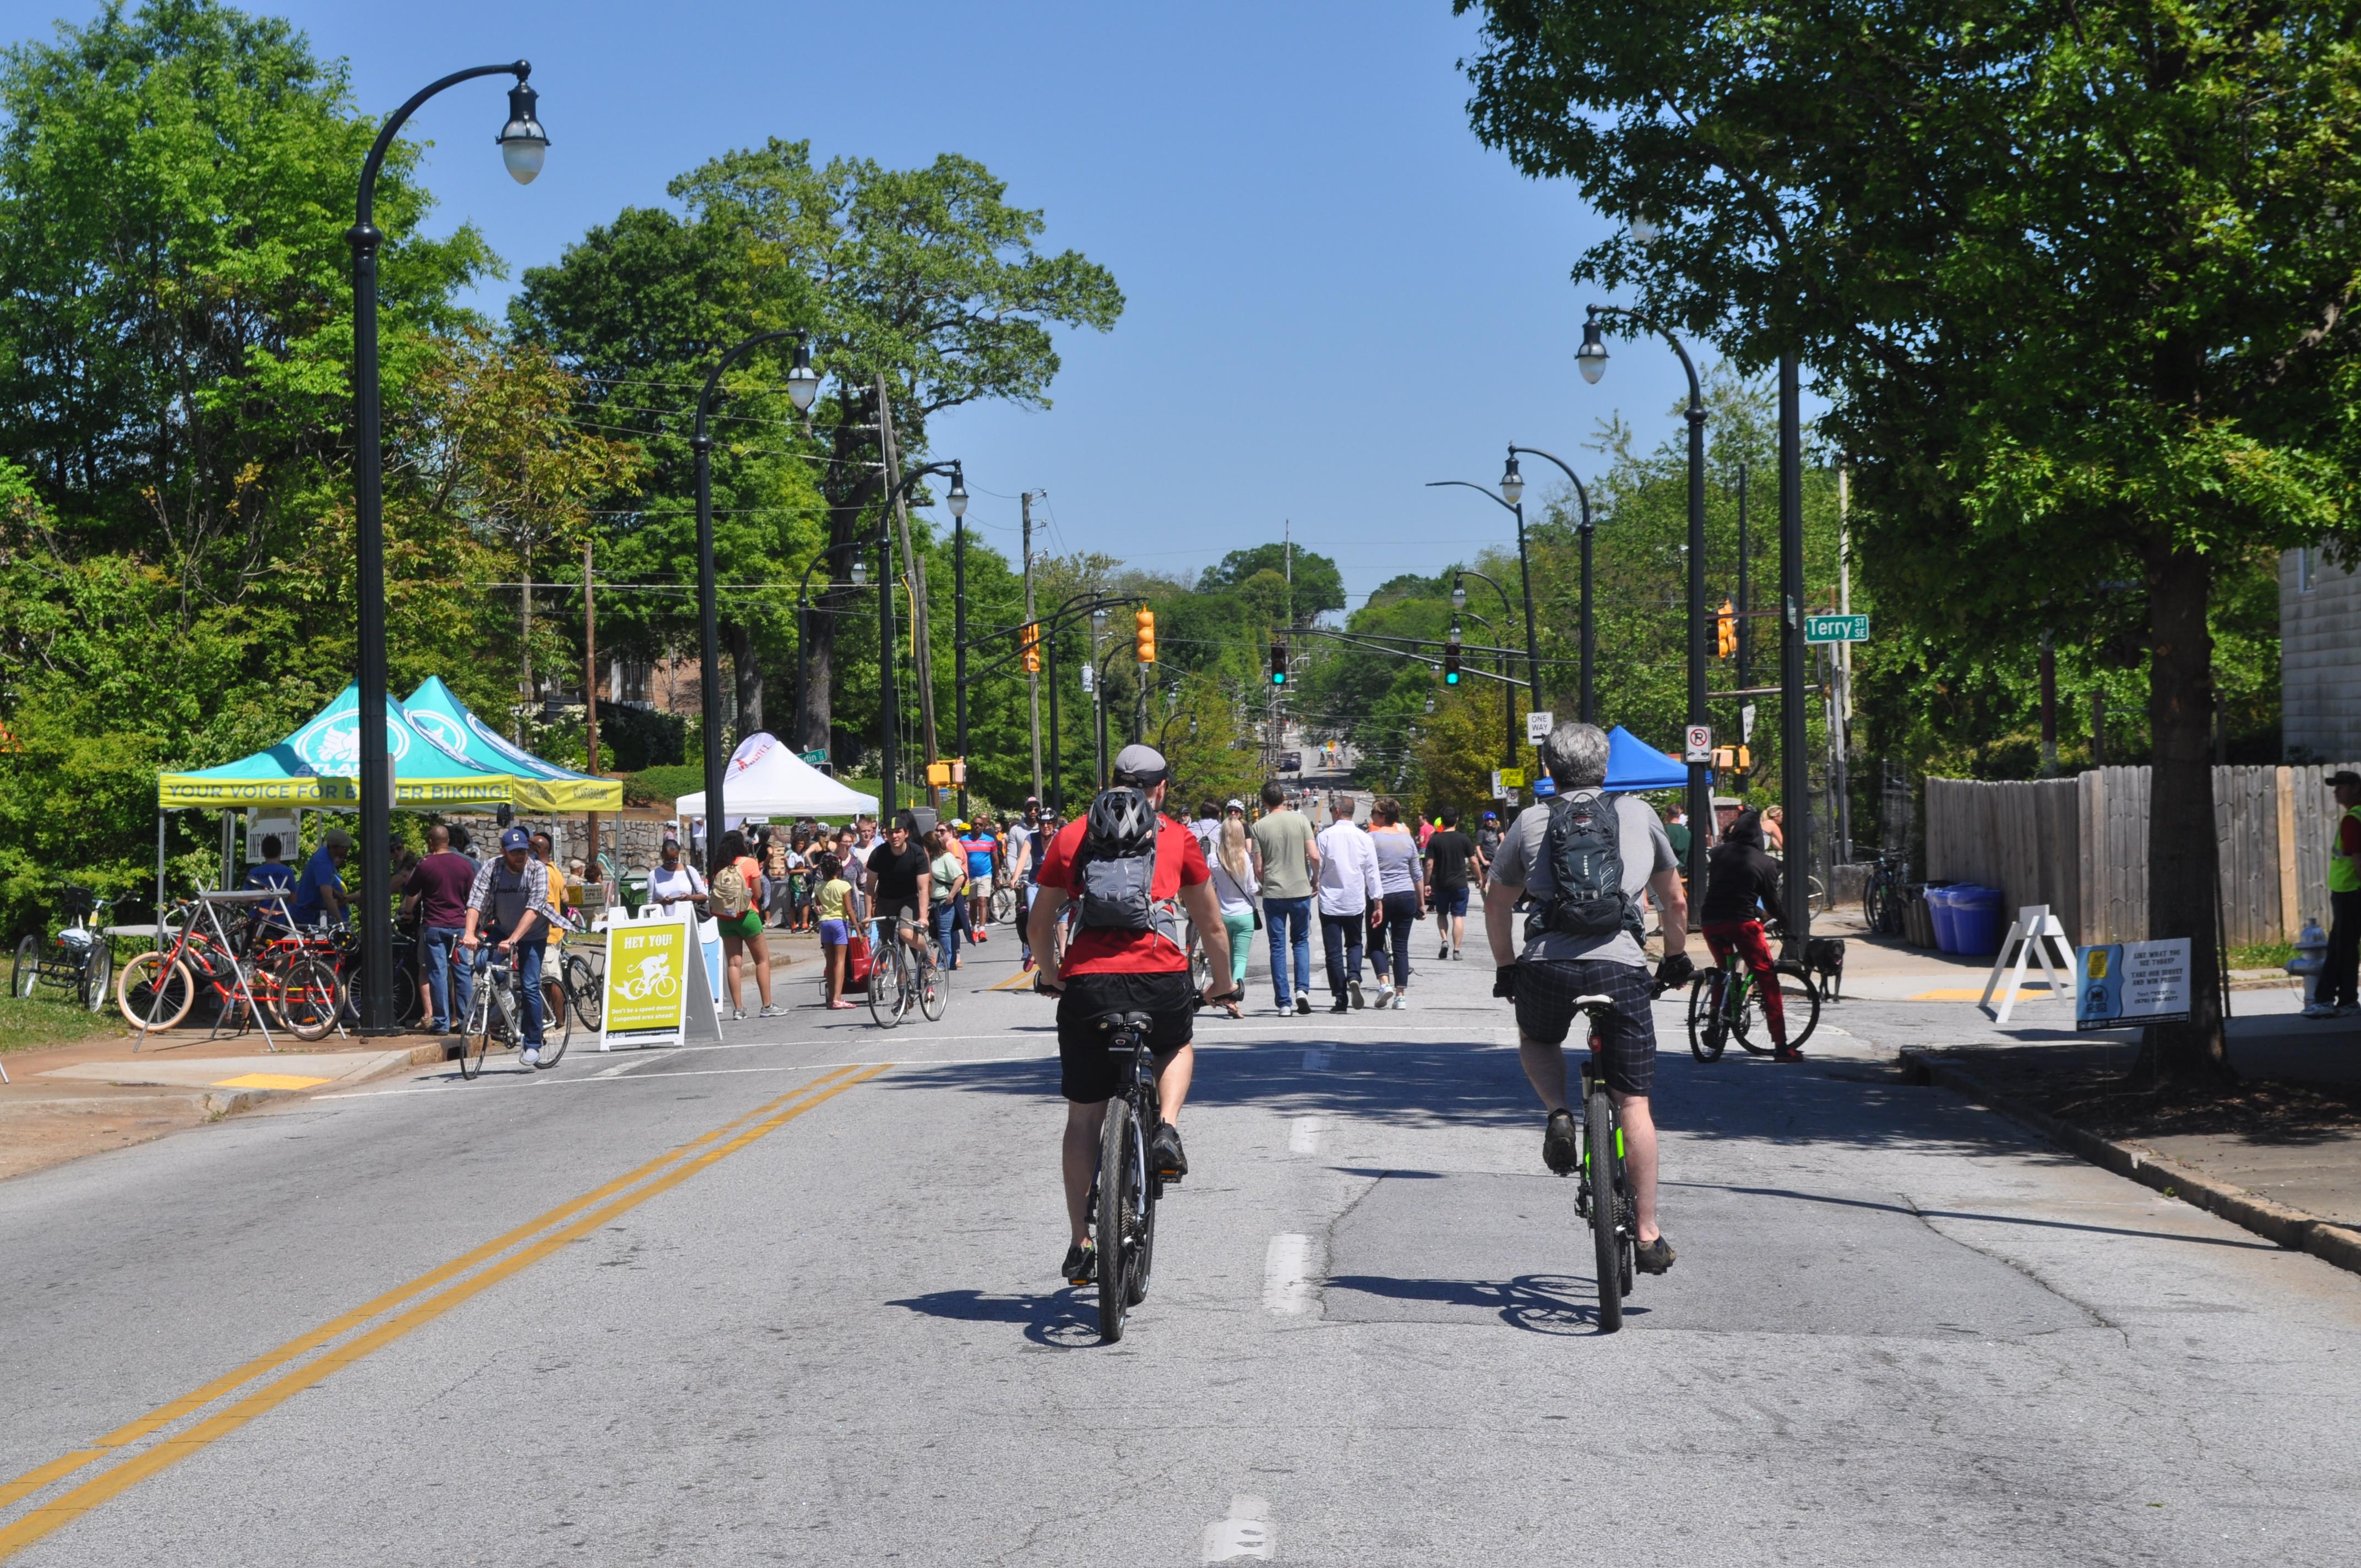 Streets Alive in Grant Park.